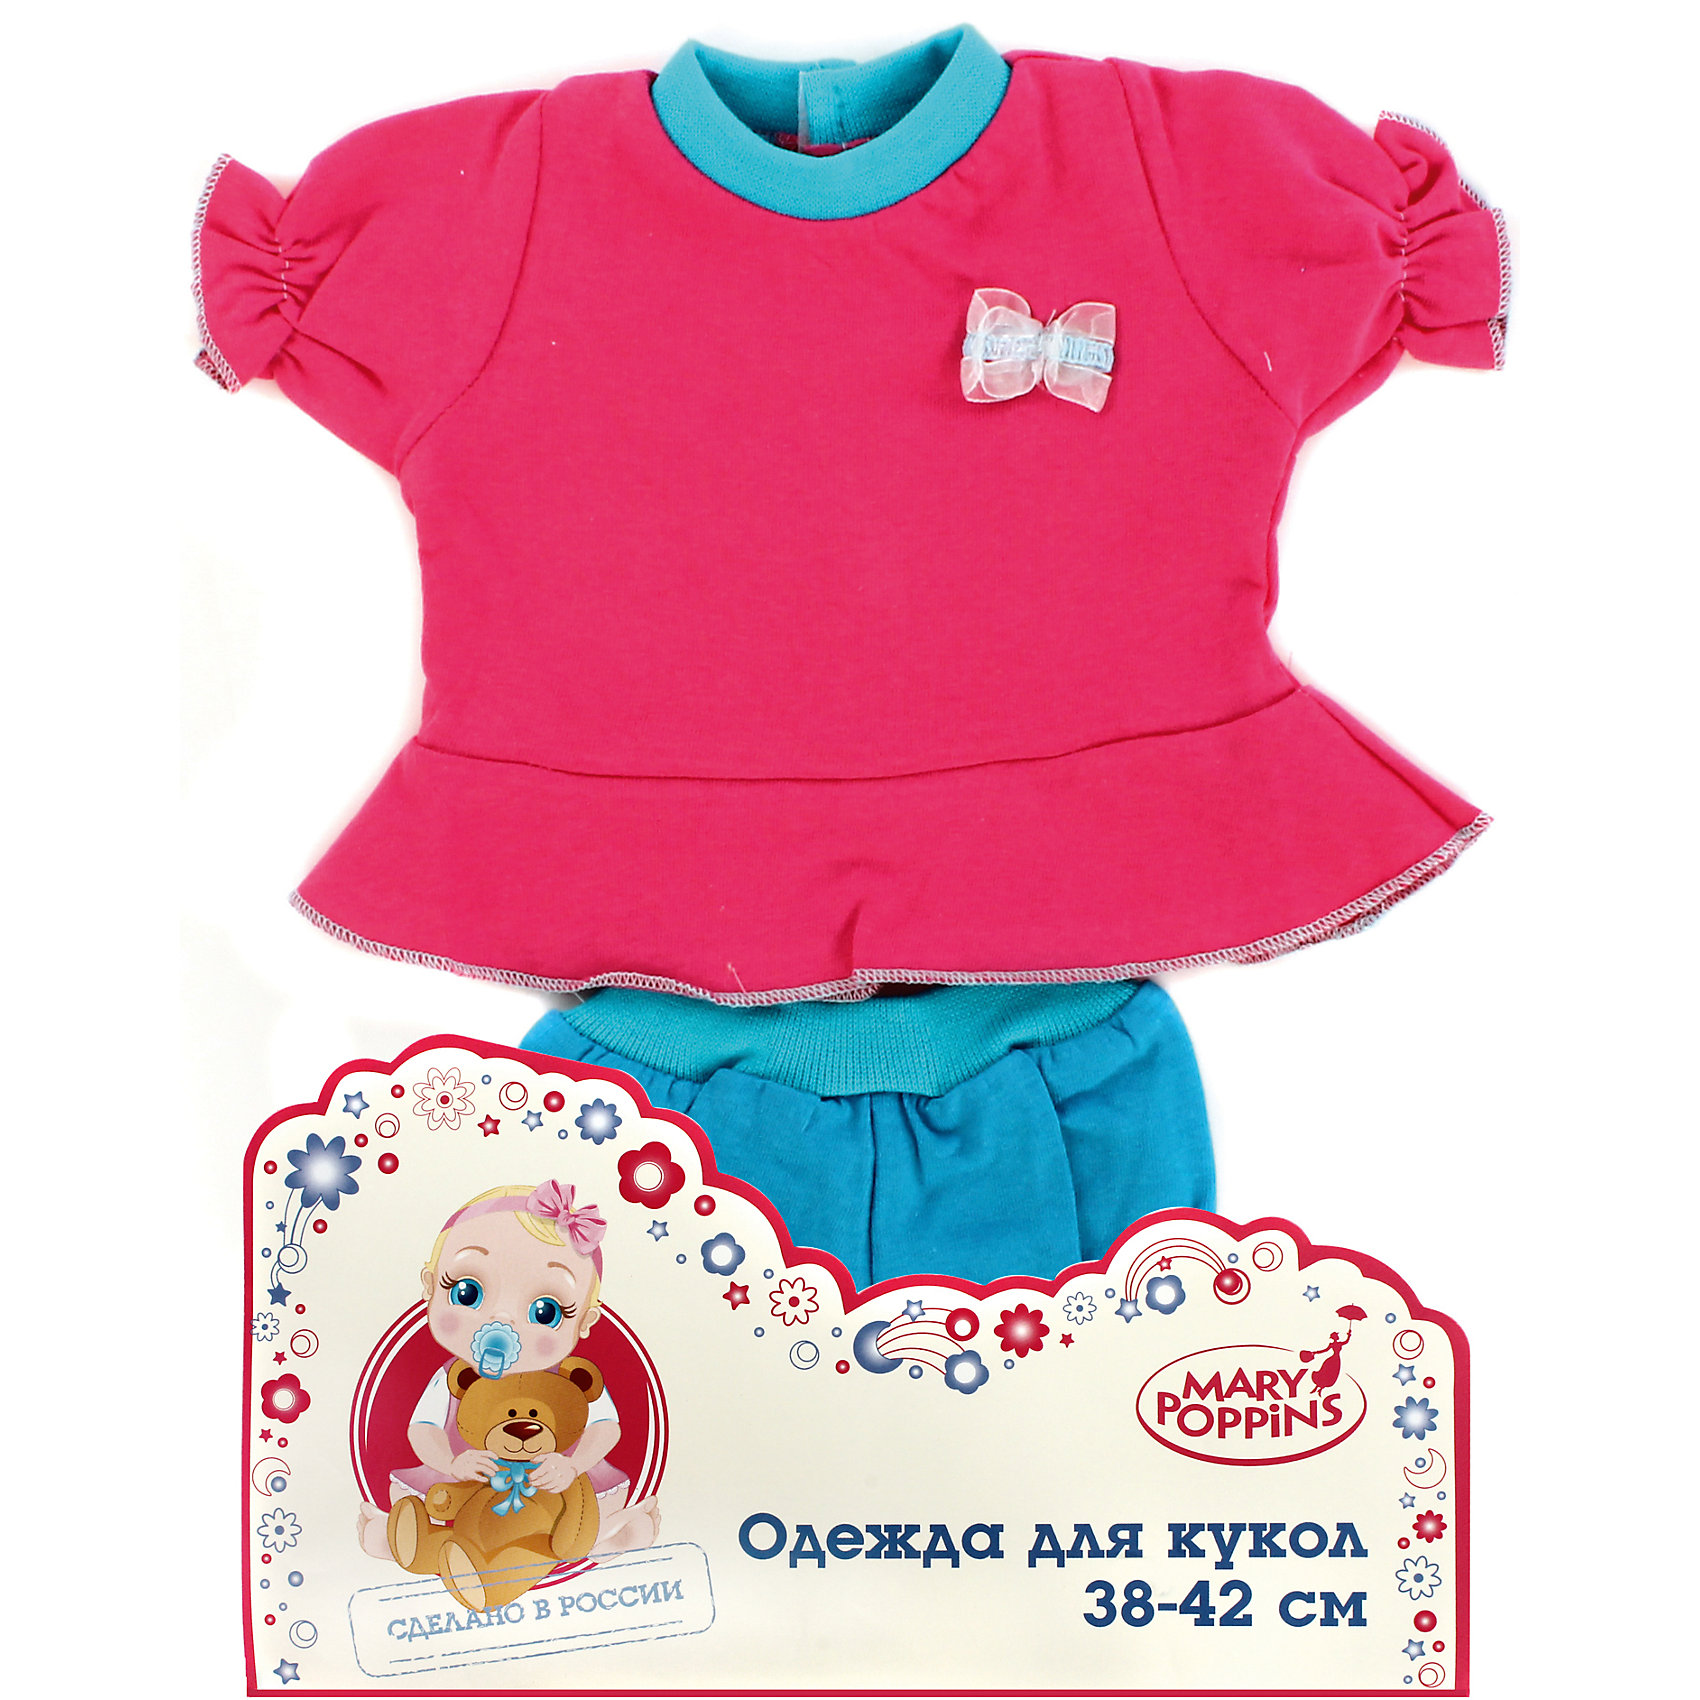 Одежда для куклы 42 см, кофоточка и шортики, Mary Poppins, в ассортиментеОдежда для кукол<br>Одежда для куклы 42 см, кофточка и шортики, в ассортименте от популярного российского бренда кукол и аксессуаров Mary Poppins (Мэри Поппинс). Интересный и яркий набор с шортиками и кофточкой, которые прекрасно сочетаются друг с другом, подойдет всем куклам длиной от 38 до 42 см. Маленькая мама может теперь менять одежду своим деткам или даже стирать ее в игрушечной машине. Играя с куклами дети познают человека, как с физиологической, так и с стороны общения между людьми, развивается моторика рук, внимание, воображение, такие игры положительно влияют на психологическое развитие. <br><br>Дополнительная информация:<br><br>- В комплект входит: шортики, кофточка<br>- Материал: текстиль<br><br>Внимание! Одежда для куклы 42 см, кофточка и шортики поставляется в разных цветовых вариантах. К сожалению, заранее выбрать определенный цвет нельзя. При заказе двух кофточек и шортиков возможно получение одинаковых.<br><br>Одежду для куклы 42 см, кофточка и шортики, в ассортименте, Mary Poppins (Мэри Поппинс) можно купить в нашем интернет-магазине.<br><br>Подробнее:<br>• Для детей в возрасте: от 3 до 10 лет<br>• Номер товара: 4925568<br>Страна производитель: Китай<br><br>Ширина мм: 175<br>Глубина мм: 5<br>Высота мм: 300<br>Вес г: 27<br>Возраст от месяцев: 36<br>Возраст до месяцев: 120<br>Пол: Женский<br>Возраст: Детский<br>SKU: 4925568